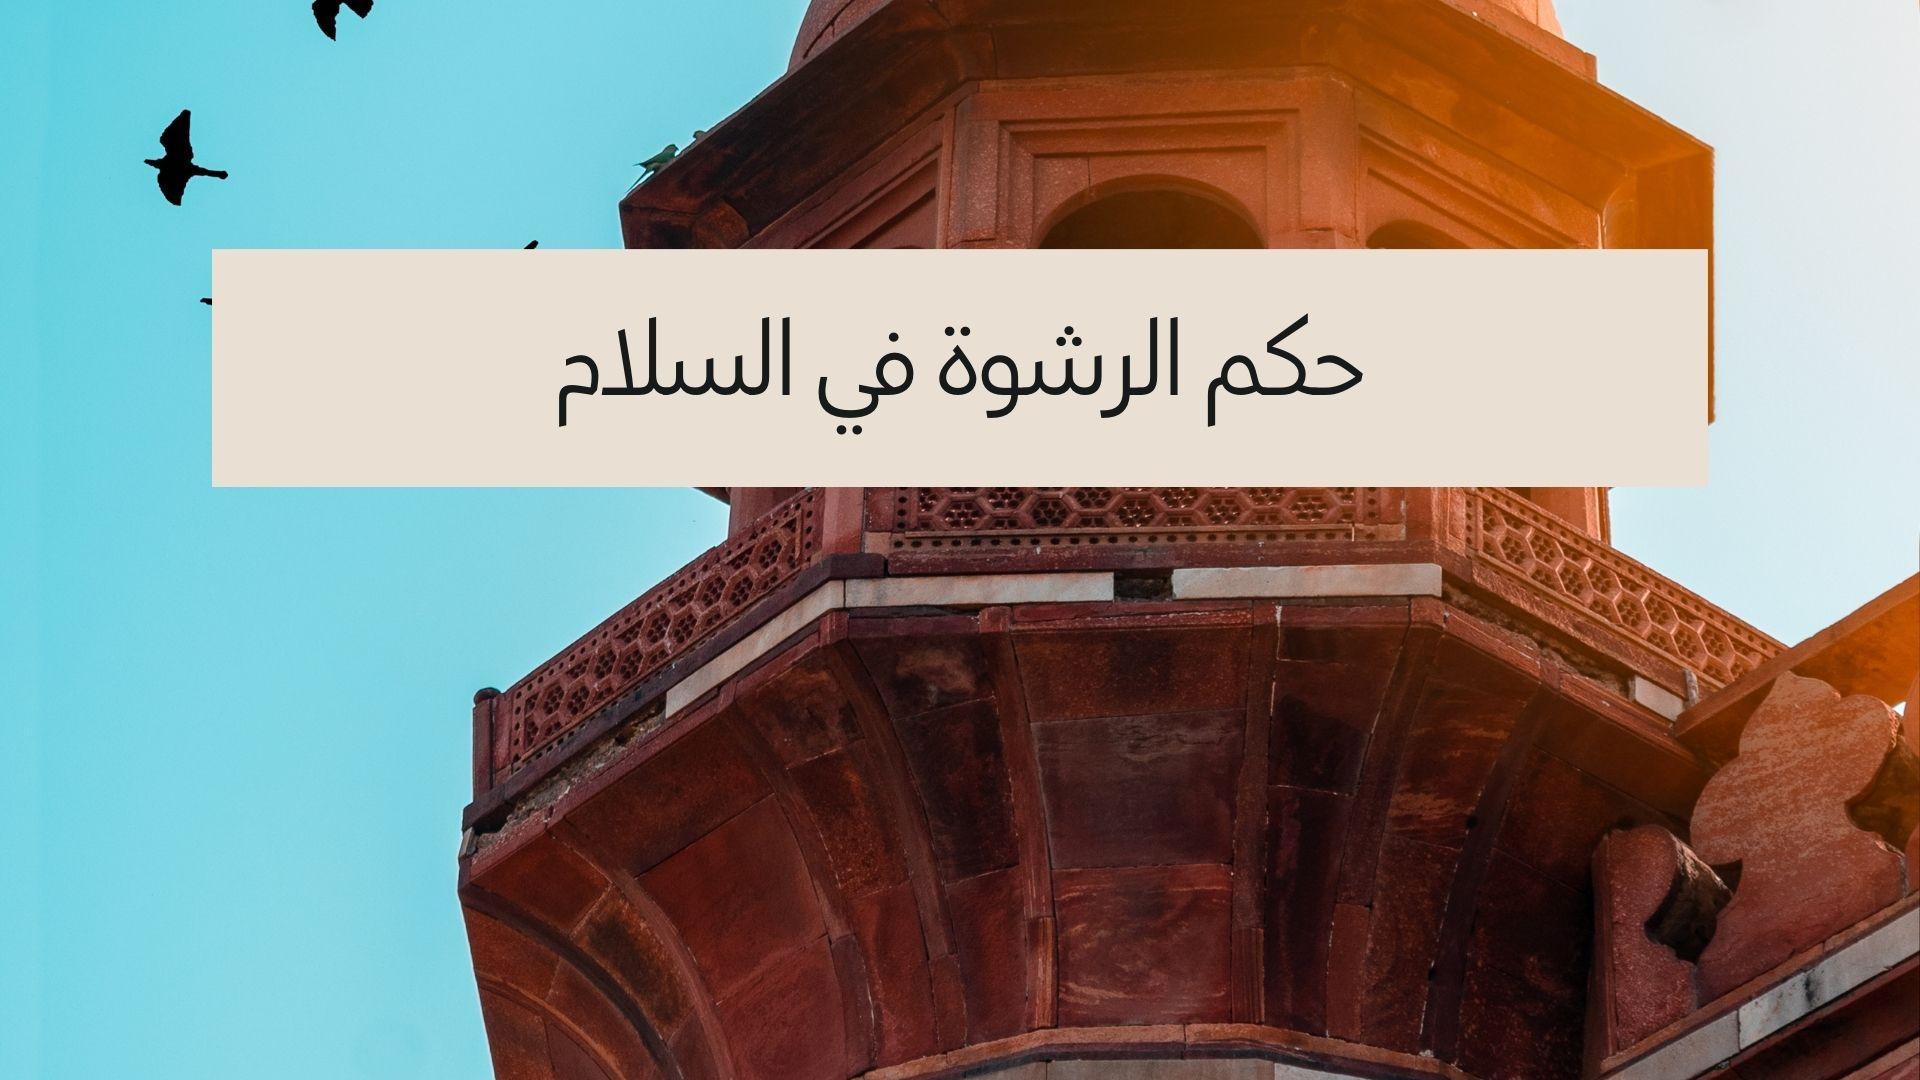 حكم الرشوة في الاسلام